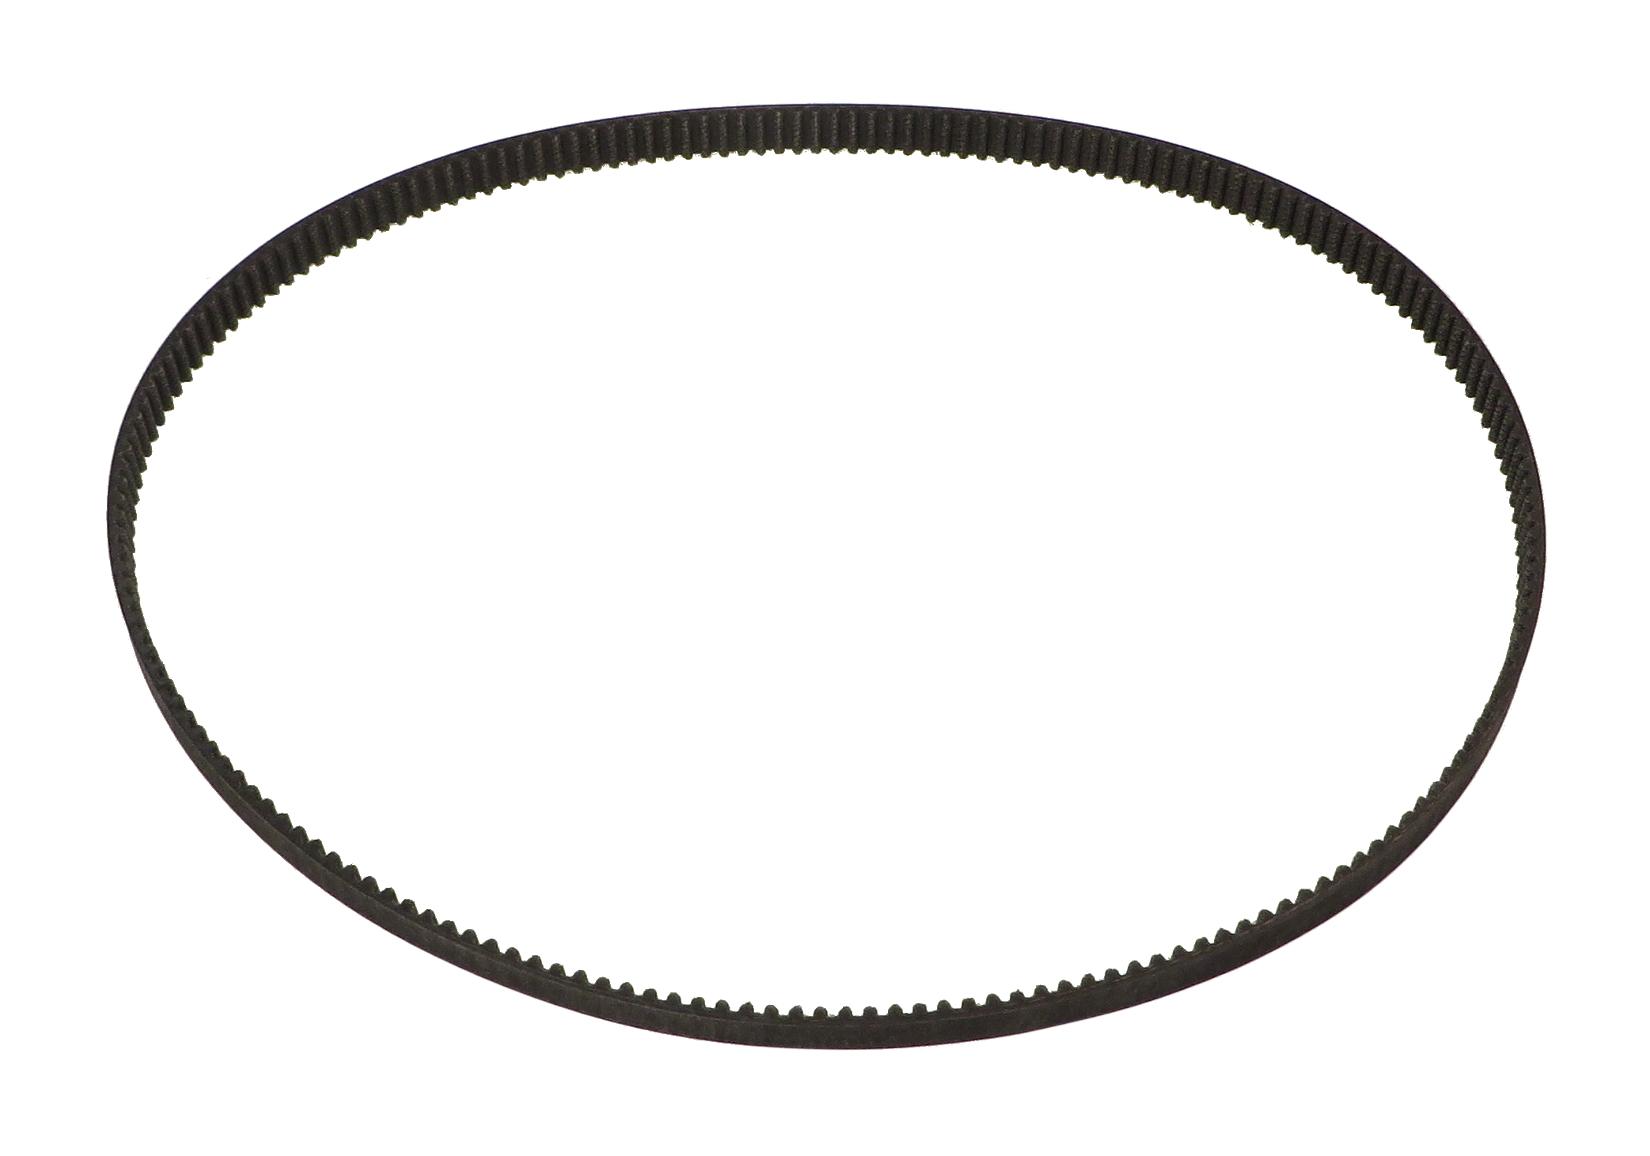 Tilt Belt for Robin Pointe